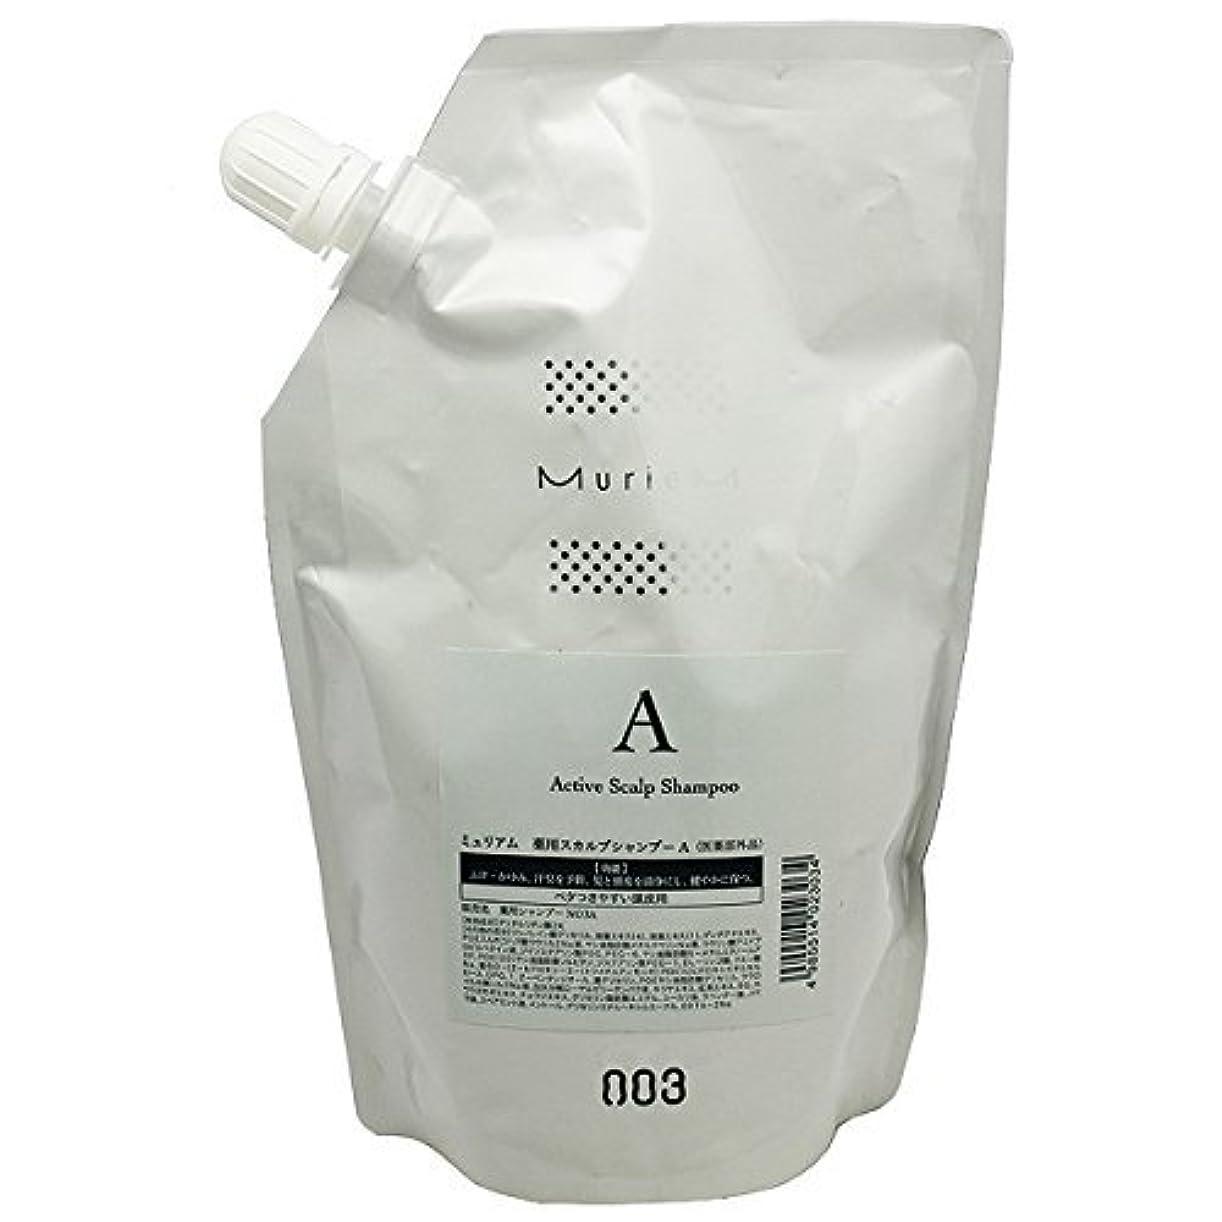 歴史的パンサー水を飲むナンバースリー ミュリアム 薬用スカルプシャンプーA 500ml レフィル